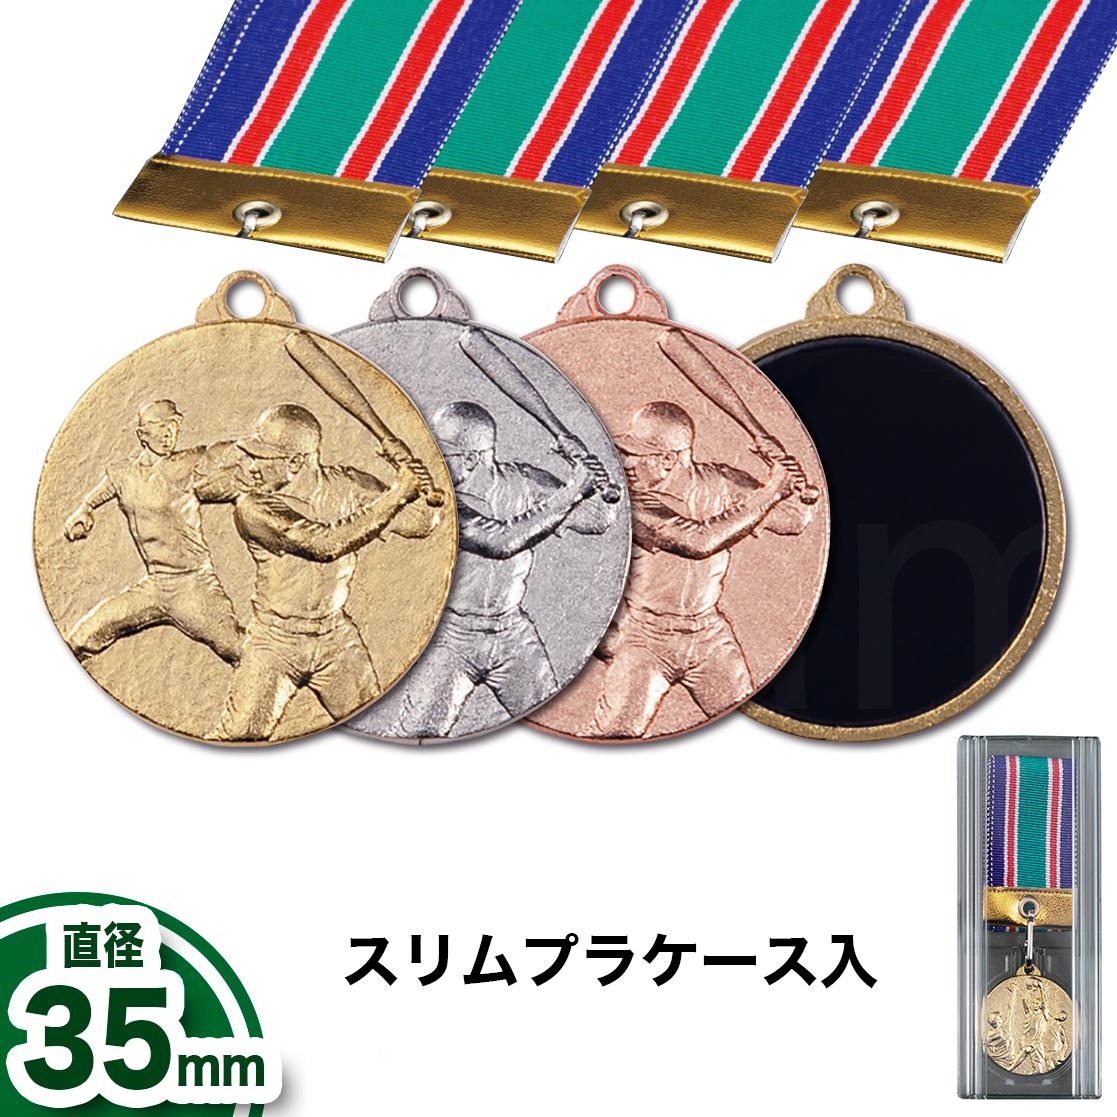 トロフィー 優勝カップ メダルの専門店 表彰メダル スリムプラケース入 首掛けリボン付 金属製 優勝メダル-M 高品質 AL完売しました 文字彫刻代無料 南九州トロフィー レーザー彫刻 直径35mm 本体重さ20g